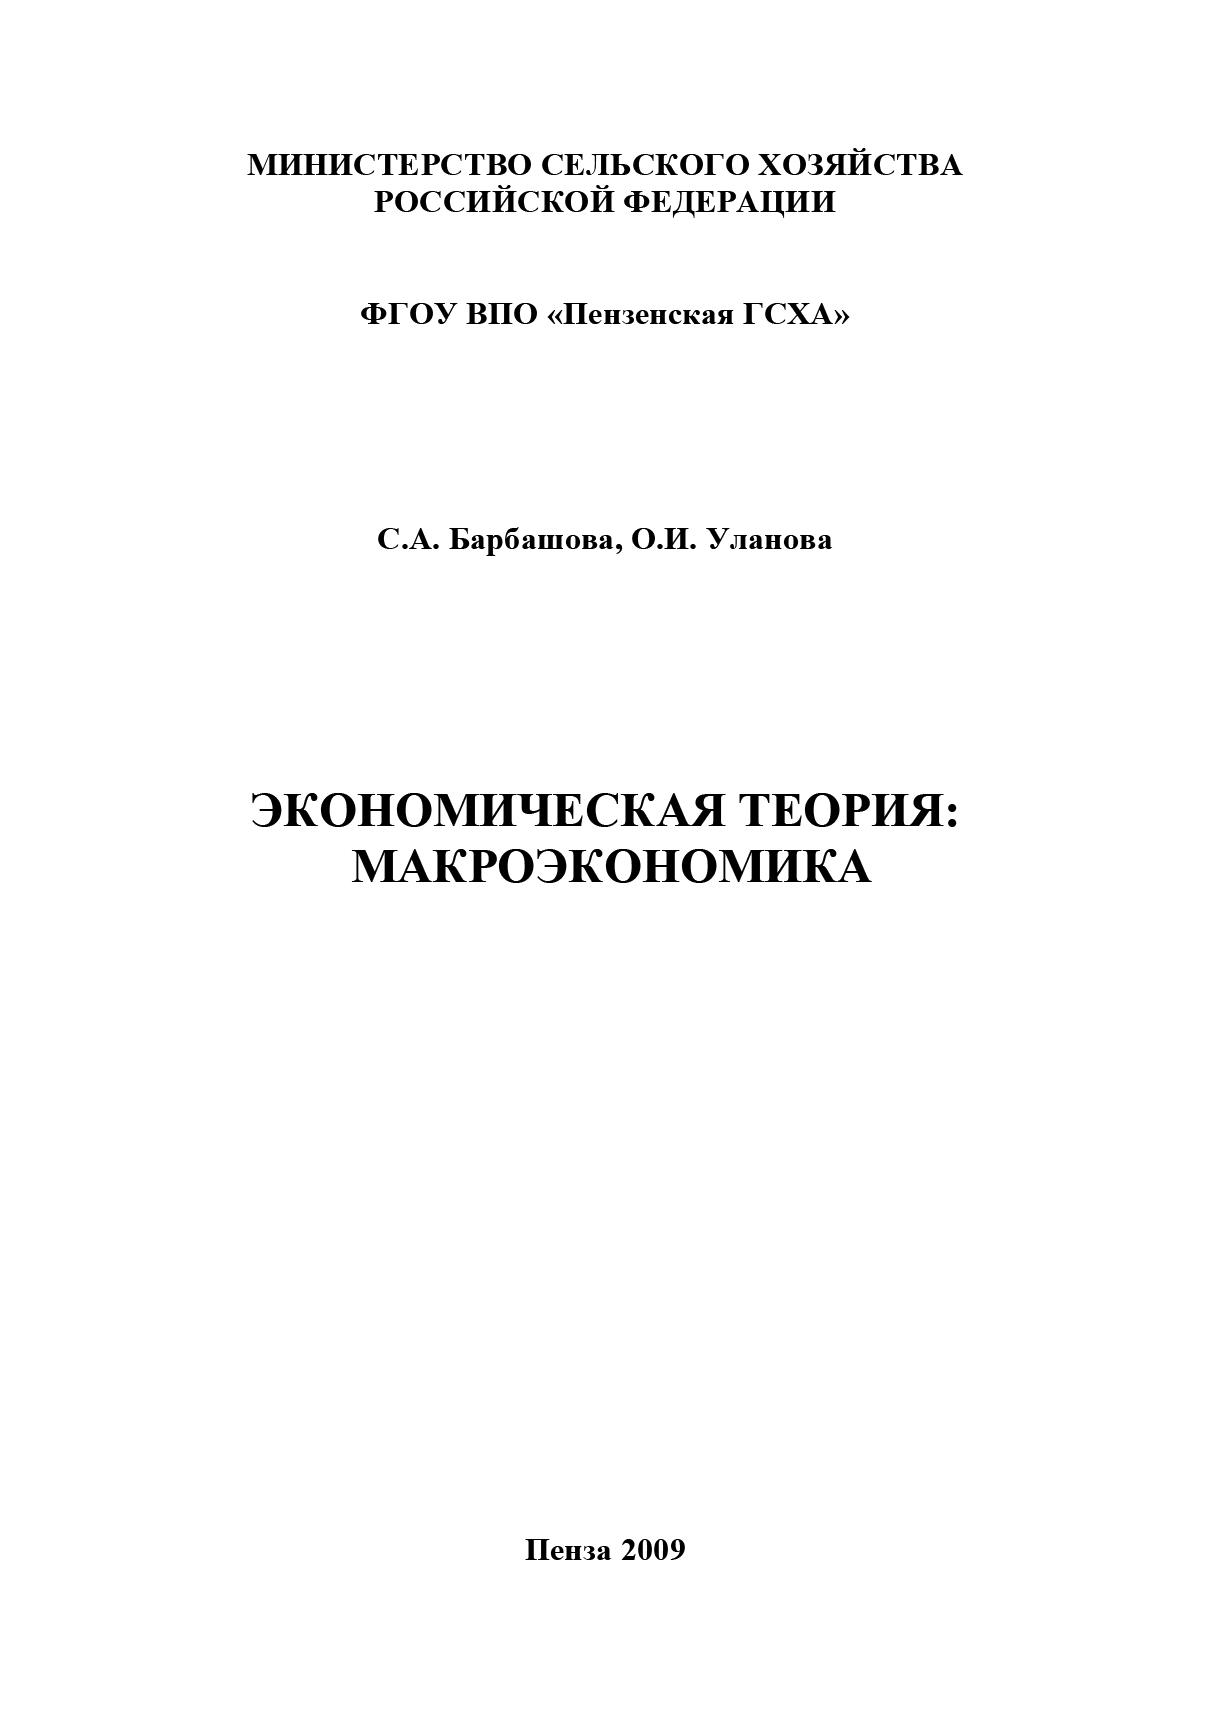 С. А. Барбашова Экономическая теория: макроэкономика тарифный план